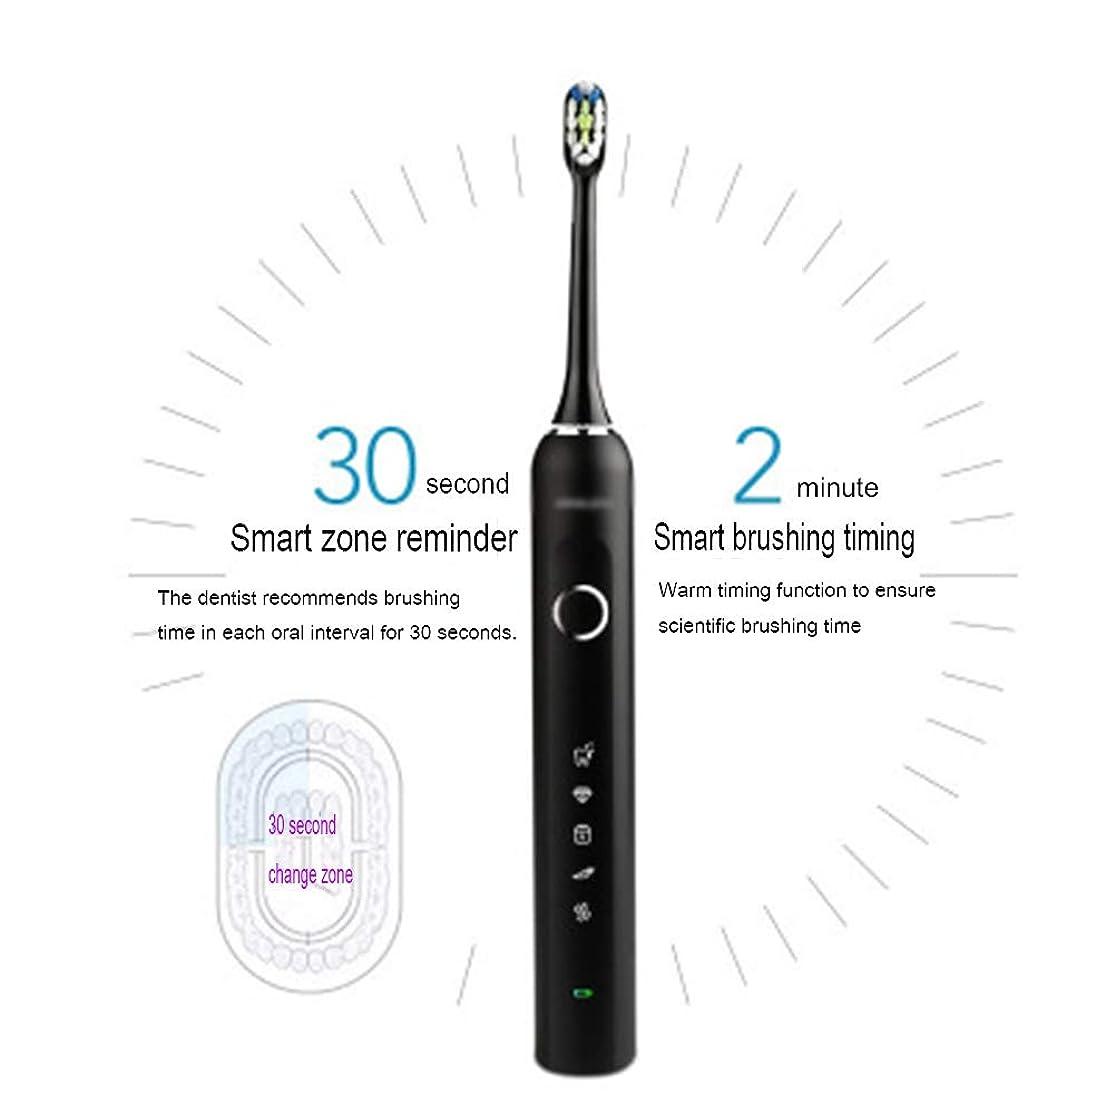 スマートなタイマーが付いている歯科医の再充電可能な音波の歯ブラシとしてきれいな電動歯ブラシ6時間充満最低90日の使用5つの任意モード旅行歯ブラシ,B